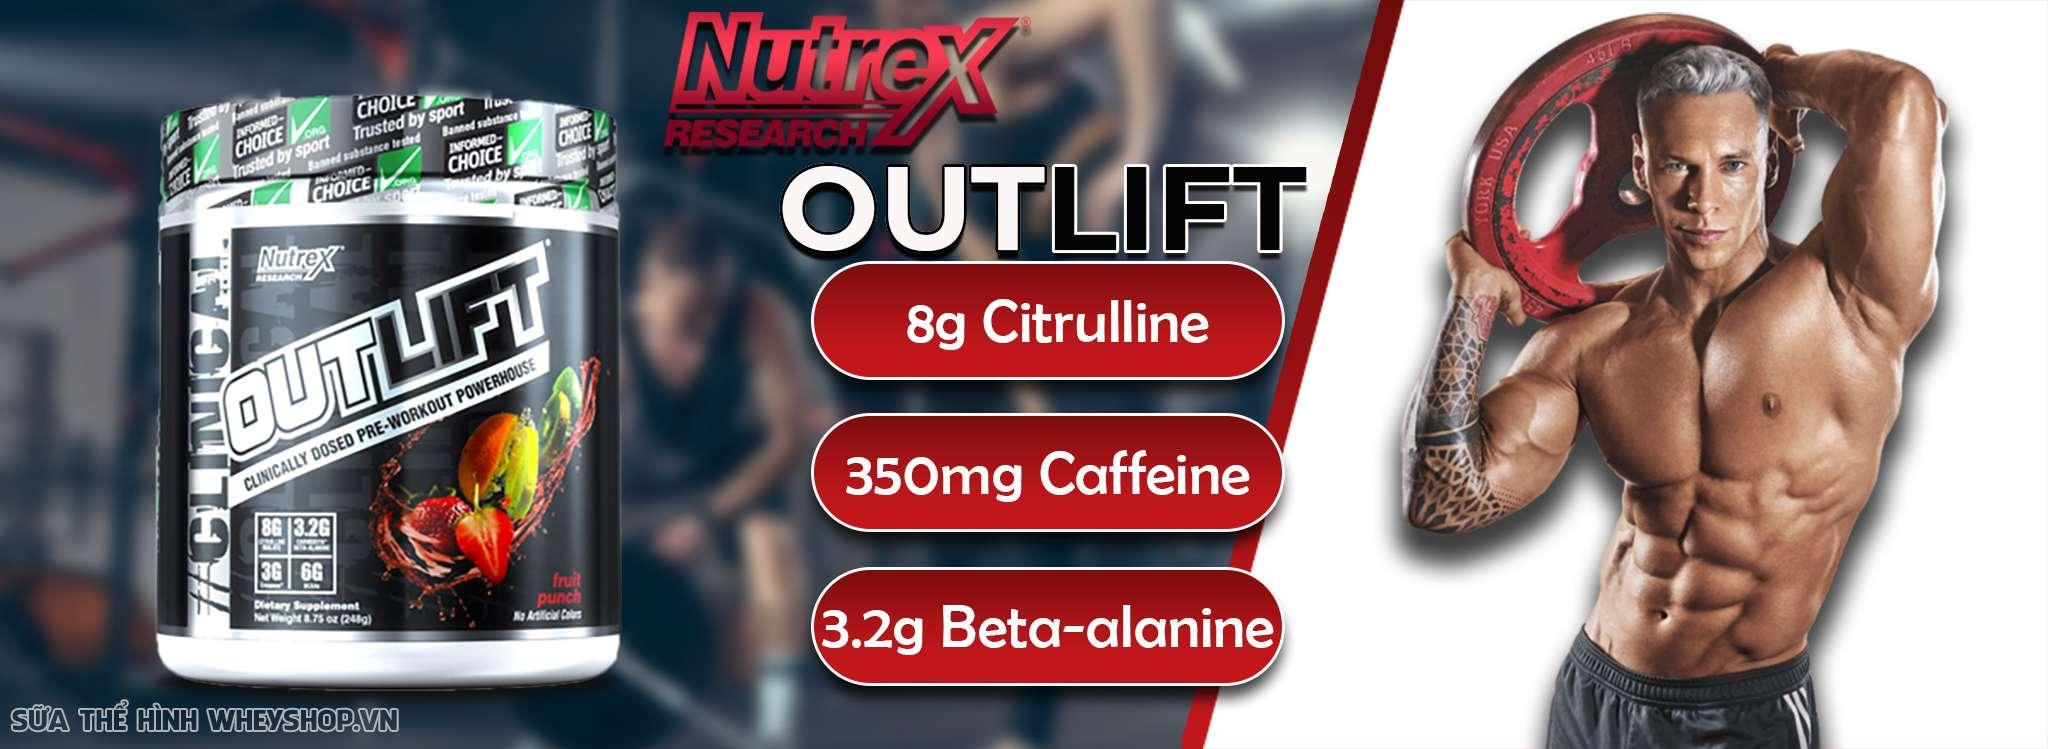 Nutrex Outlift là sản phẩm kết hợp tăng sức mạnh và phục hồi cơ bắp hàng đầu trên thị trường hiện nay. Nutrex Outlift chính hãng, giá rẻ tại Hà Nội TPHCM